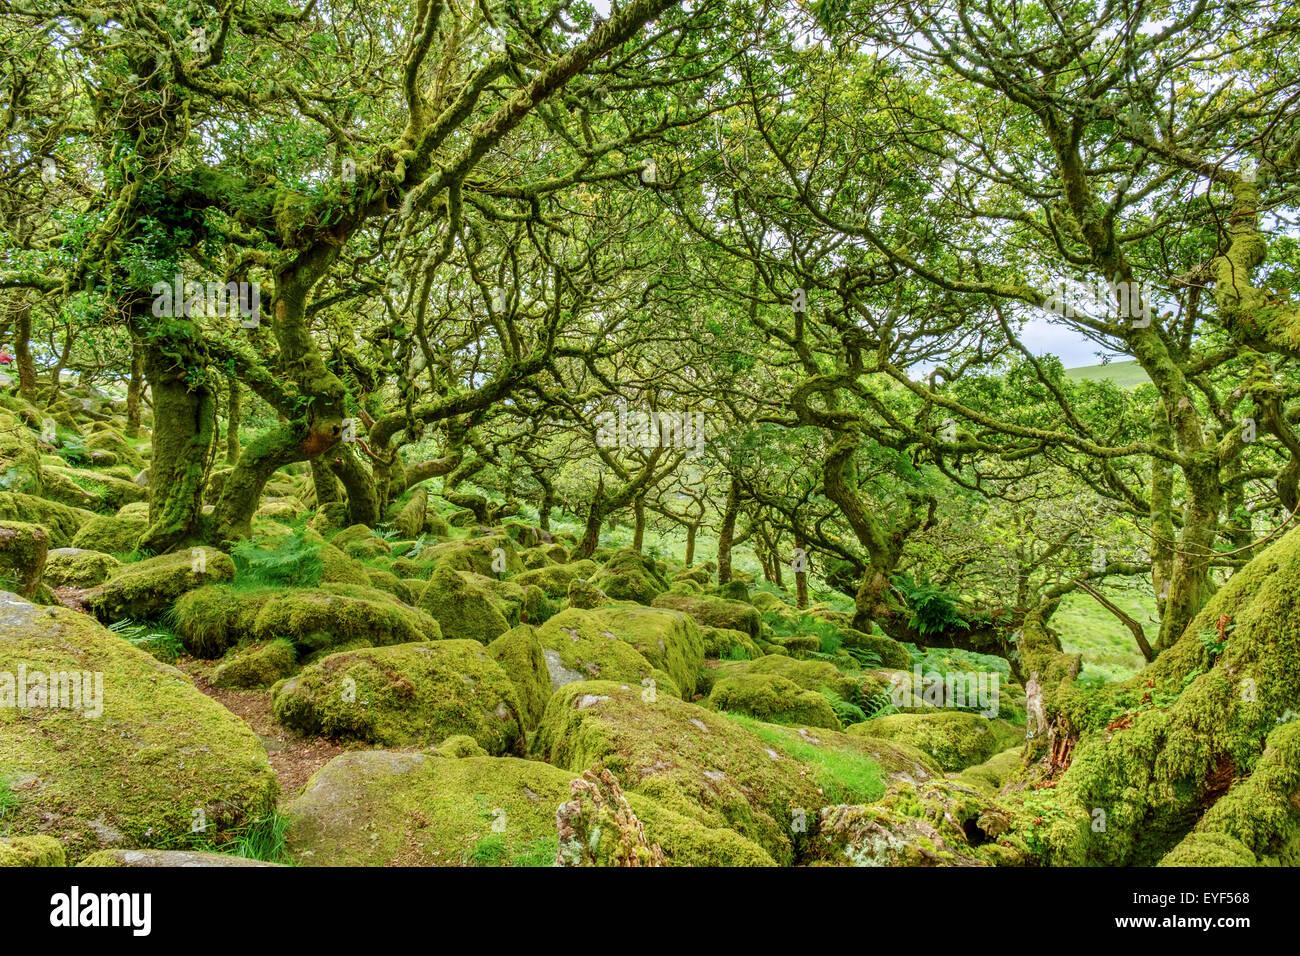 Wistman il legno ad alta altitudine oakwood (Quercus robur), in prossimità di due ponti, Parco Nazionale di Immagini Stock